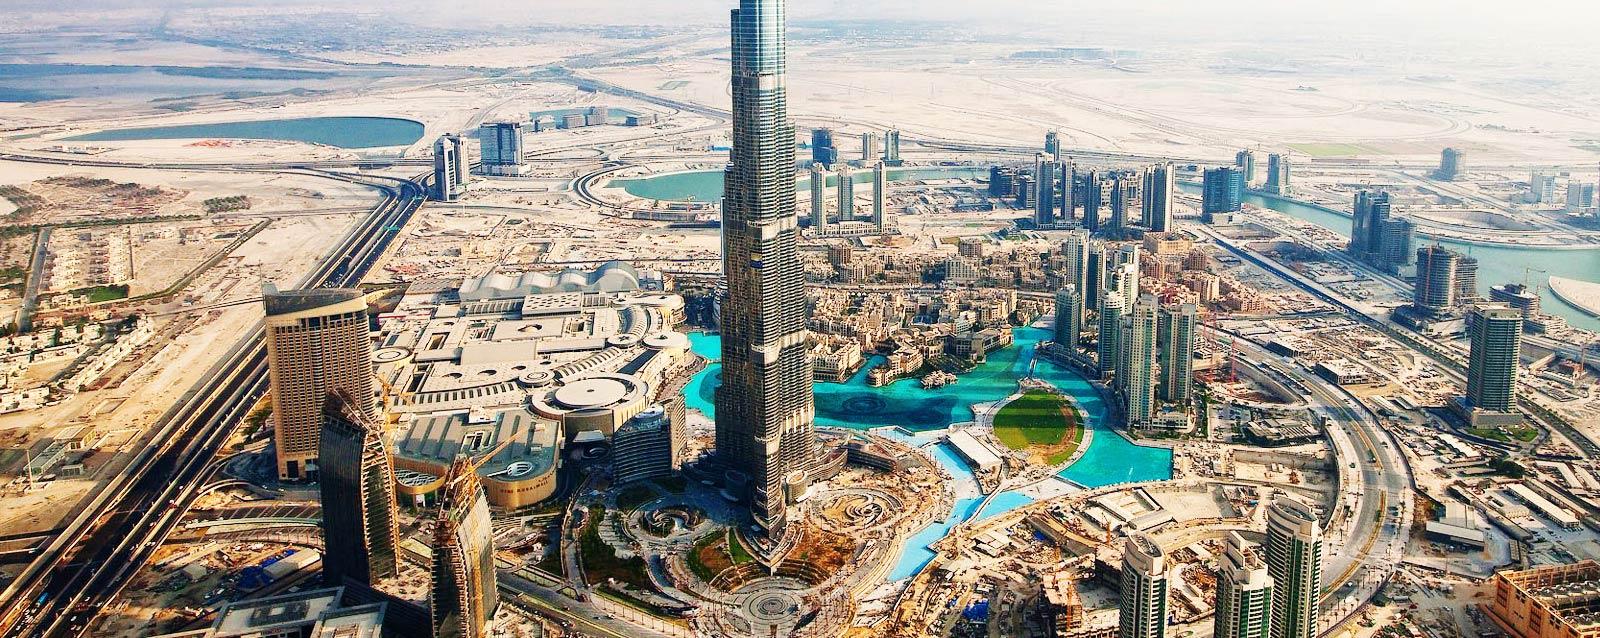 Photo of دبي الرابعة عالميا في جذب أثرياء الاستثمار العقاري